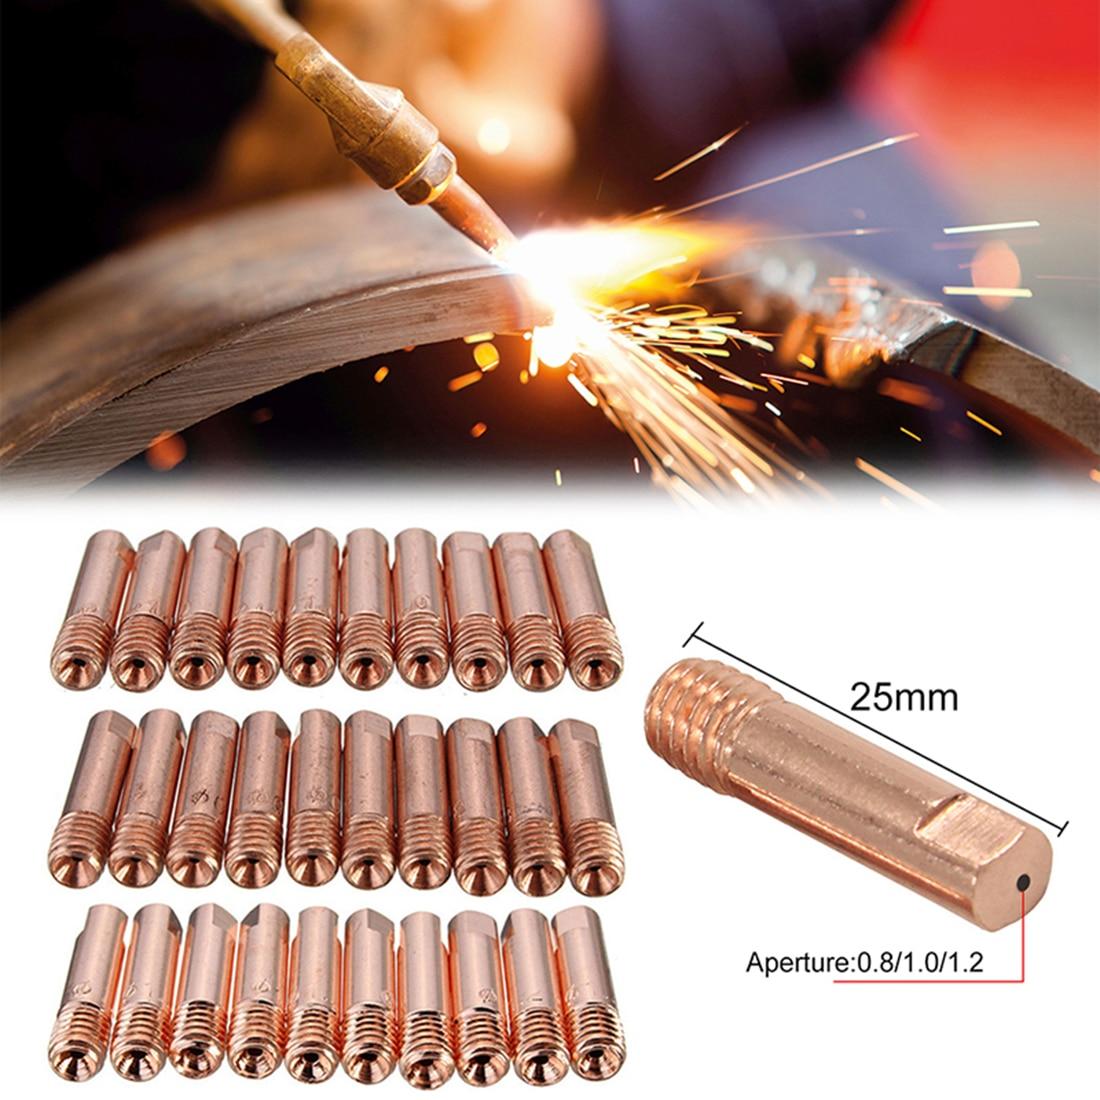 10Pcs Torch Contact TipMB-15AK M6*25mm MIG/MAG Welding Torch Contact Tip Gas Nozzle 0.8/1.0/1.2mm Mig Welding  Accessories